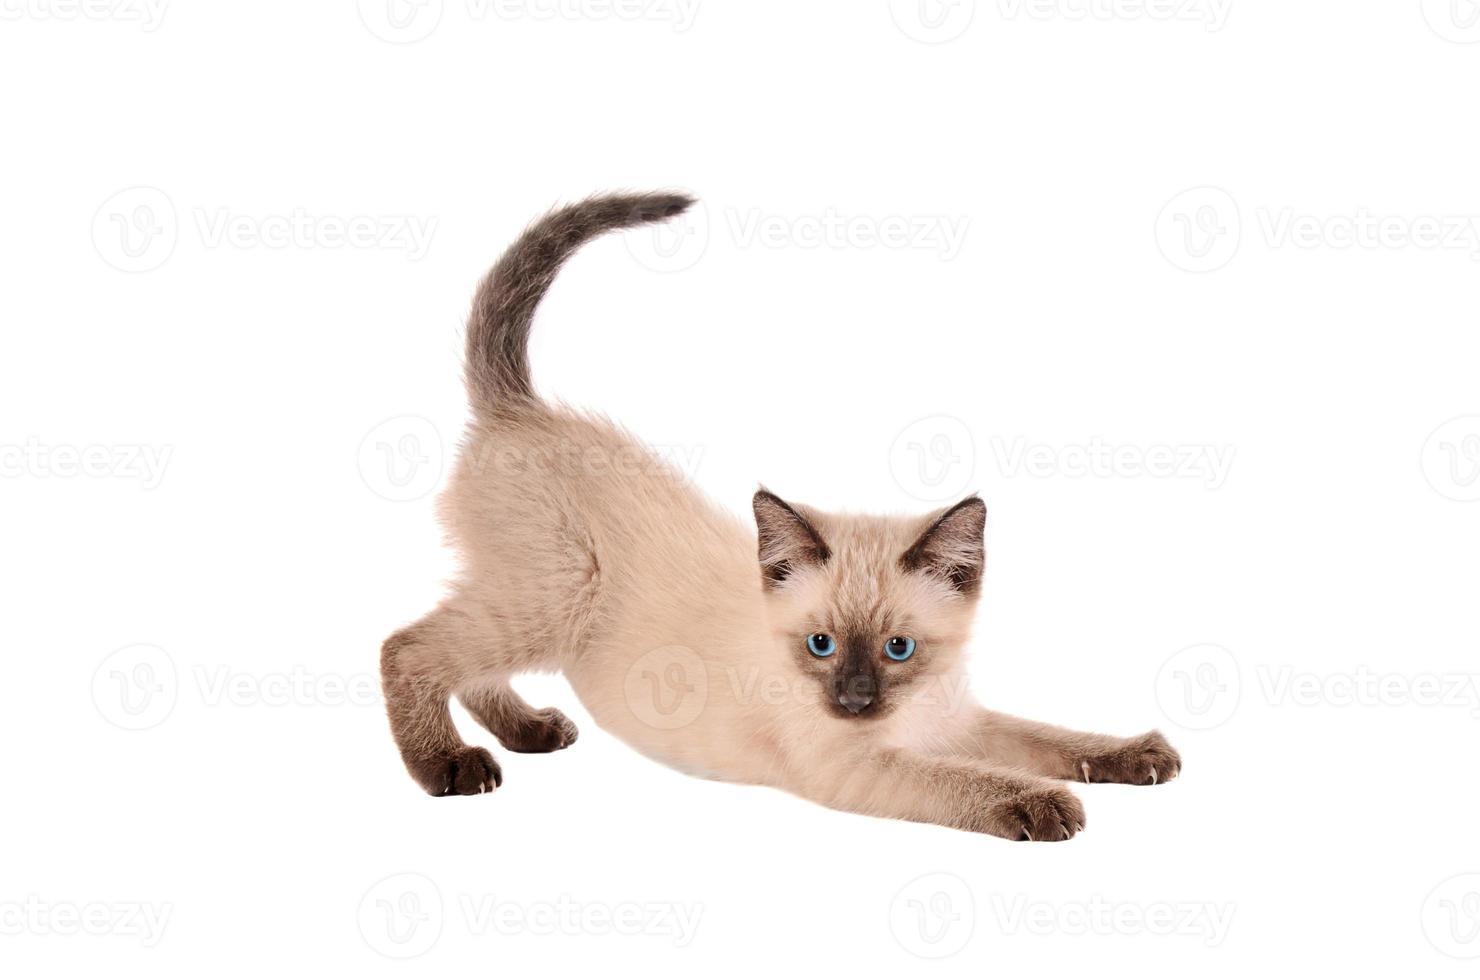 allungando gattino siemese foto